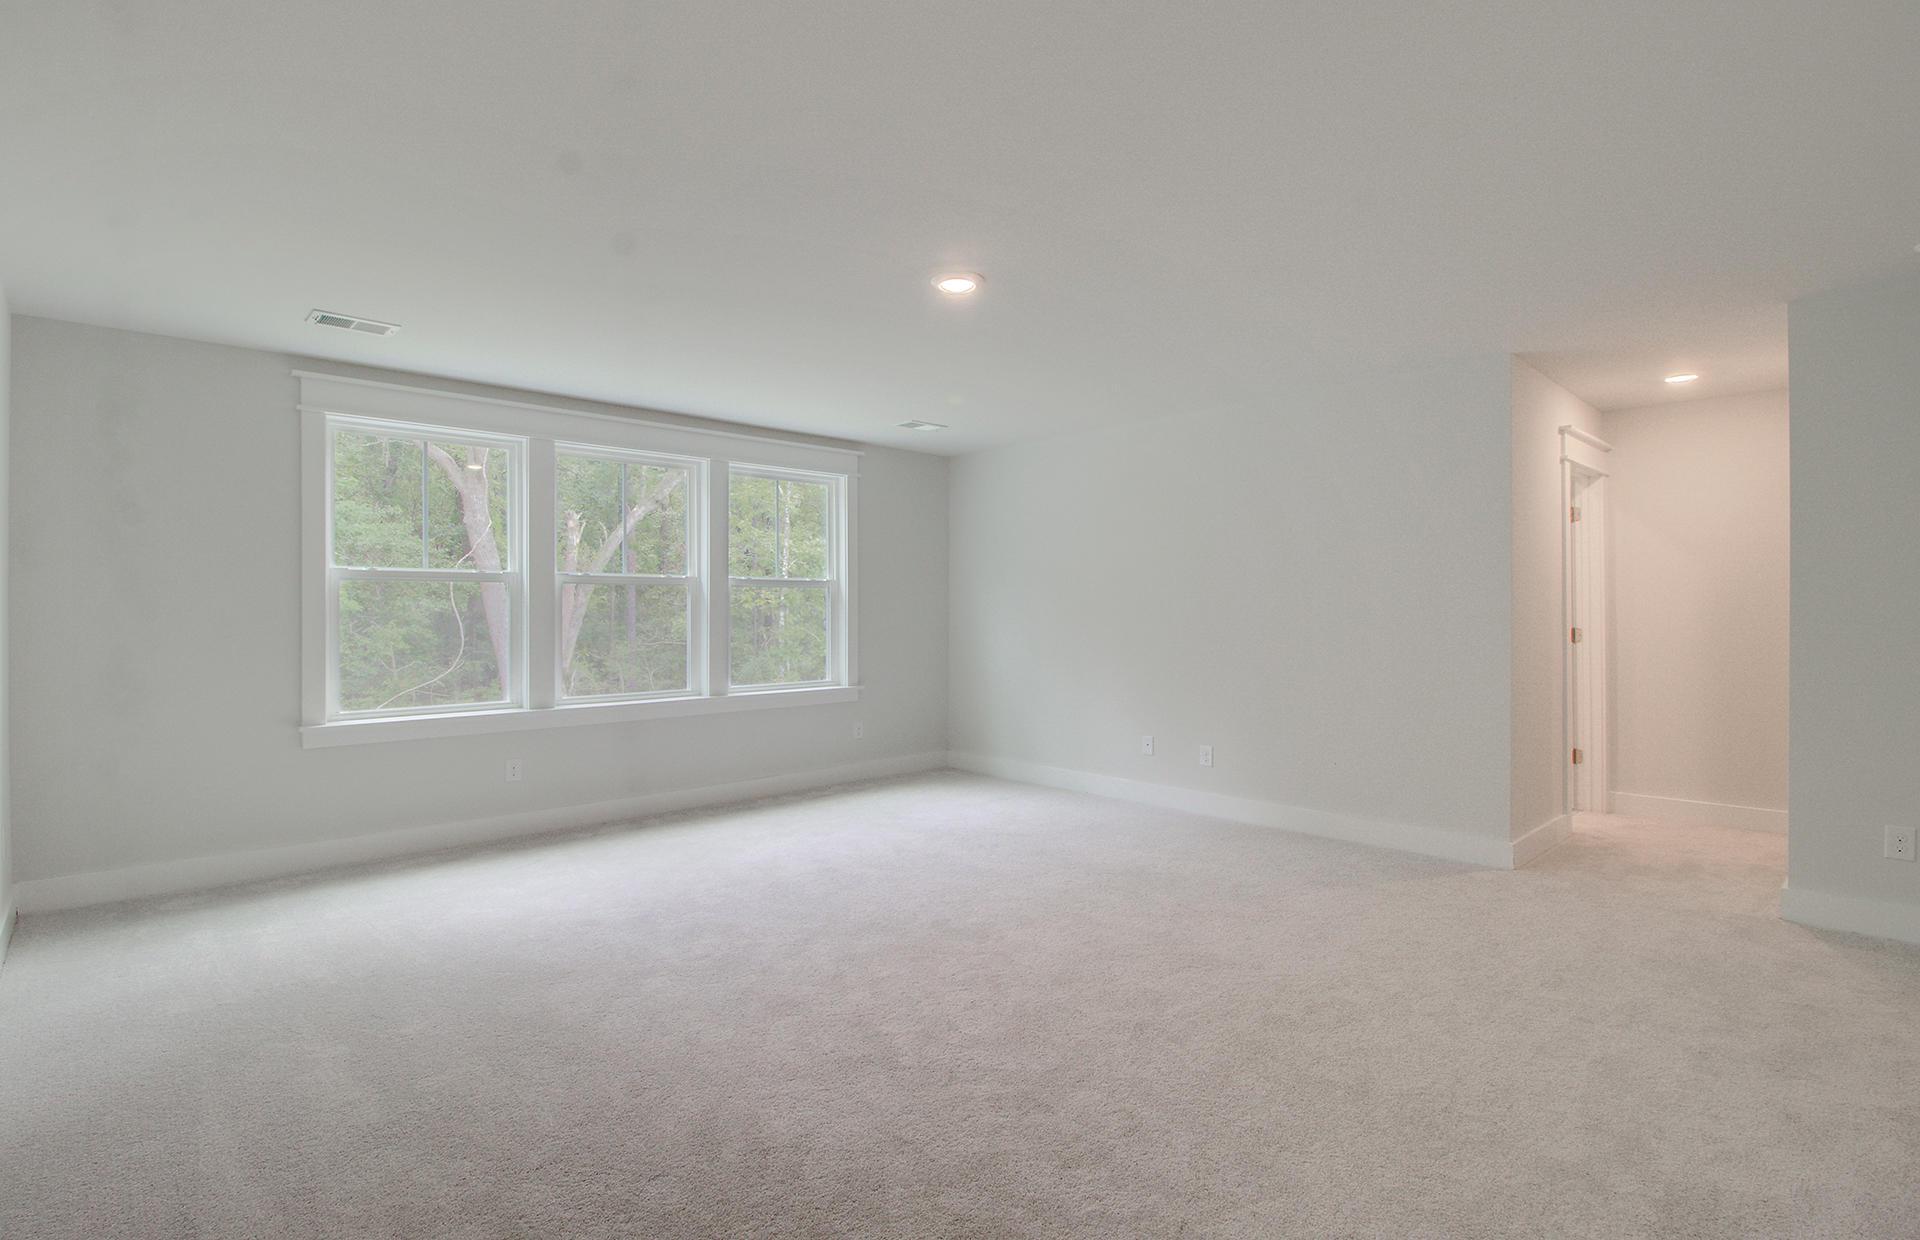 Park West Homes For Sale - 3013 Caspian, Mount Pleasant, SC - 13